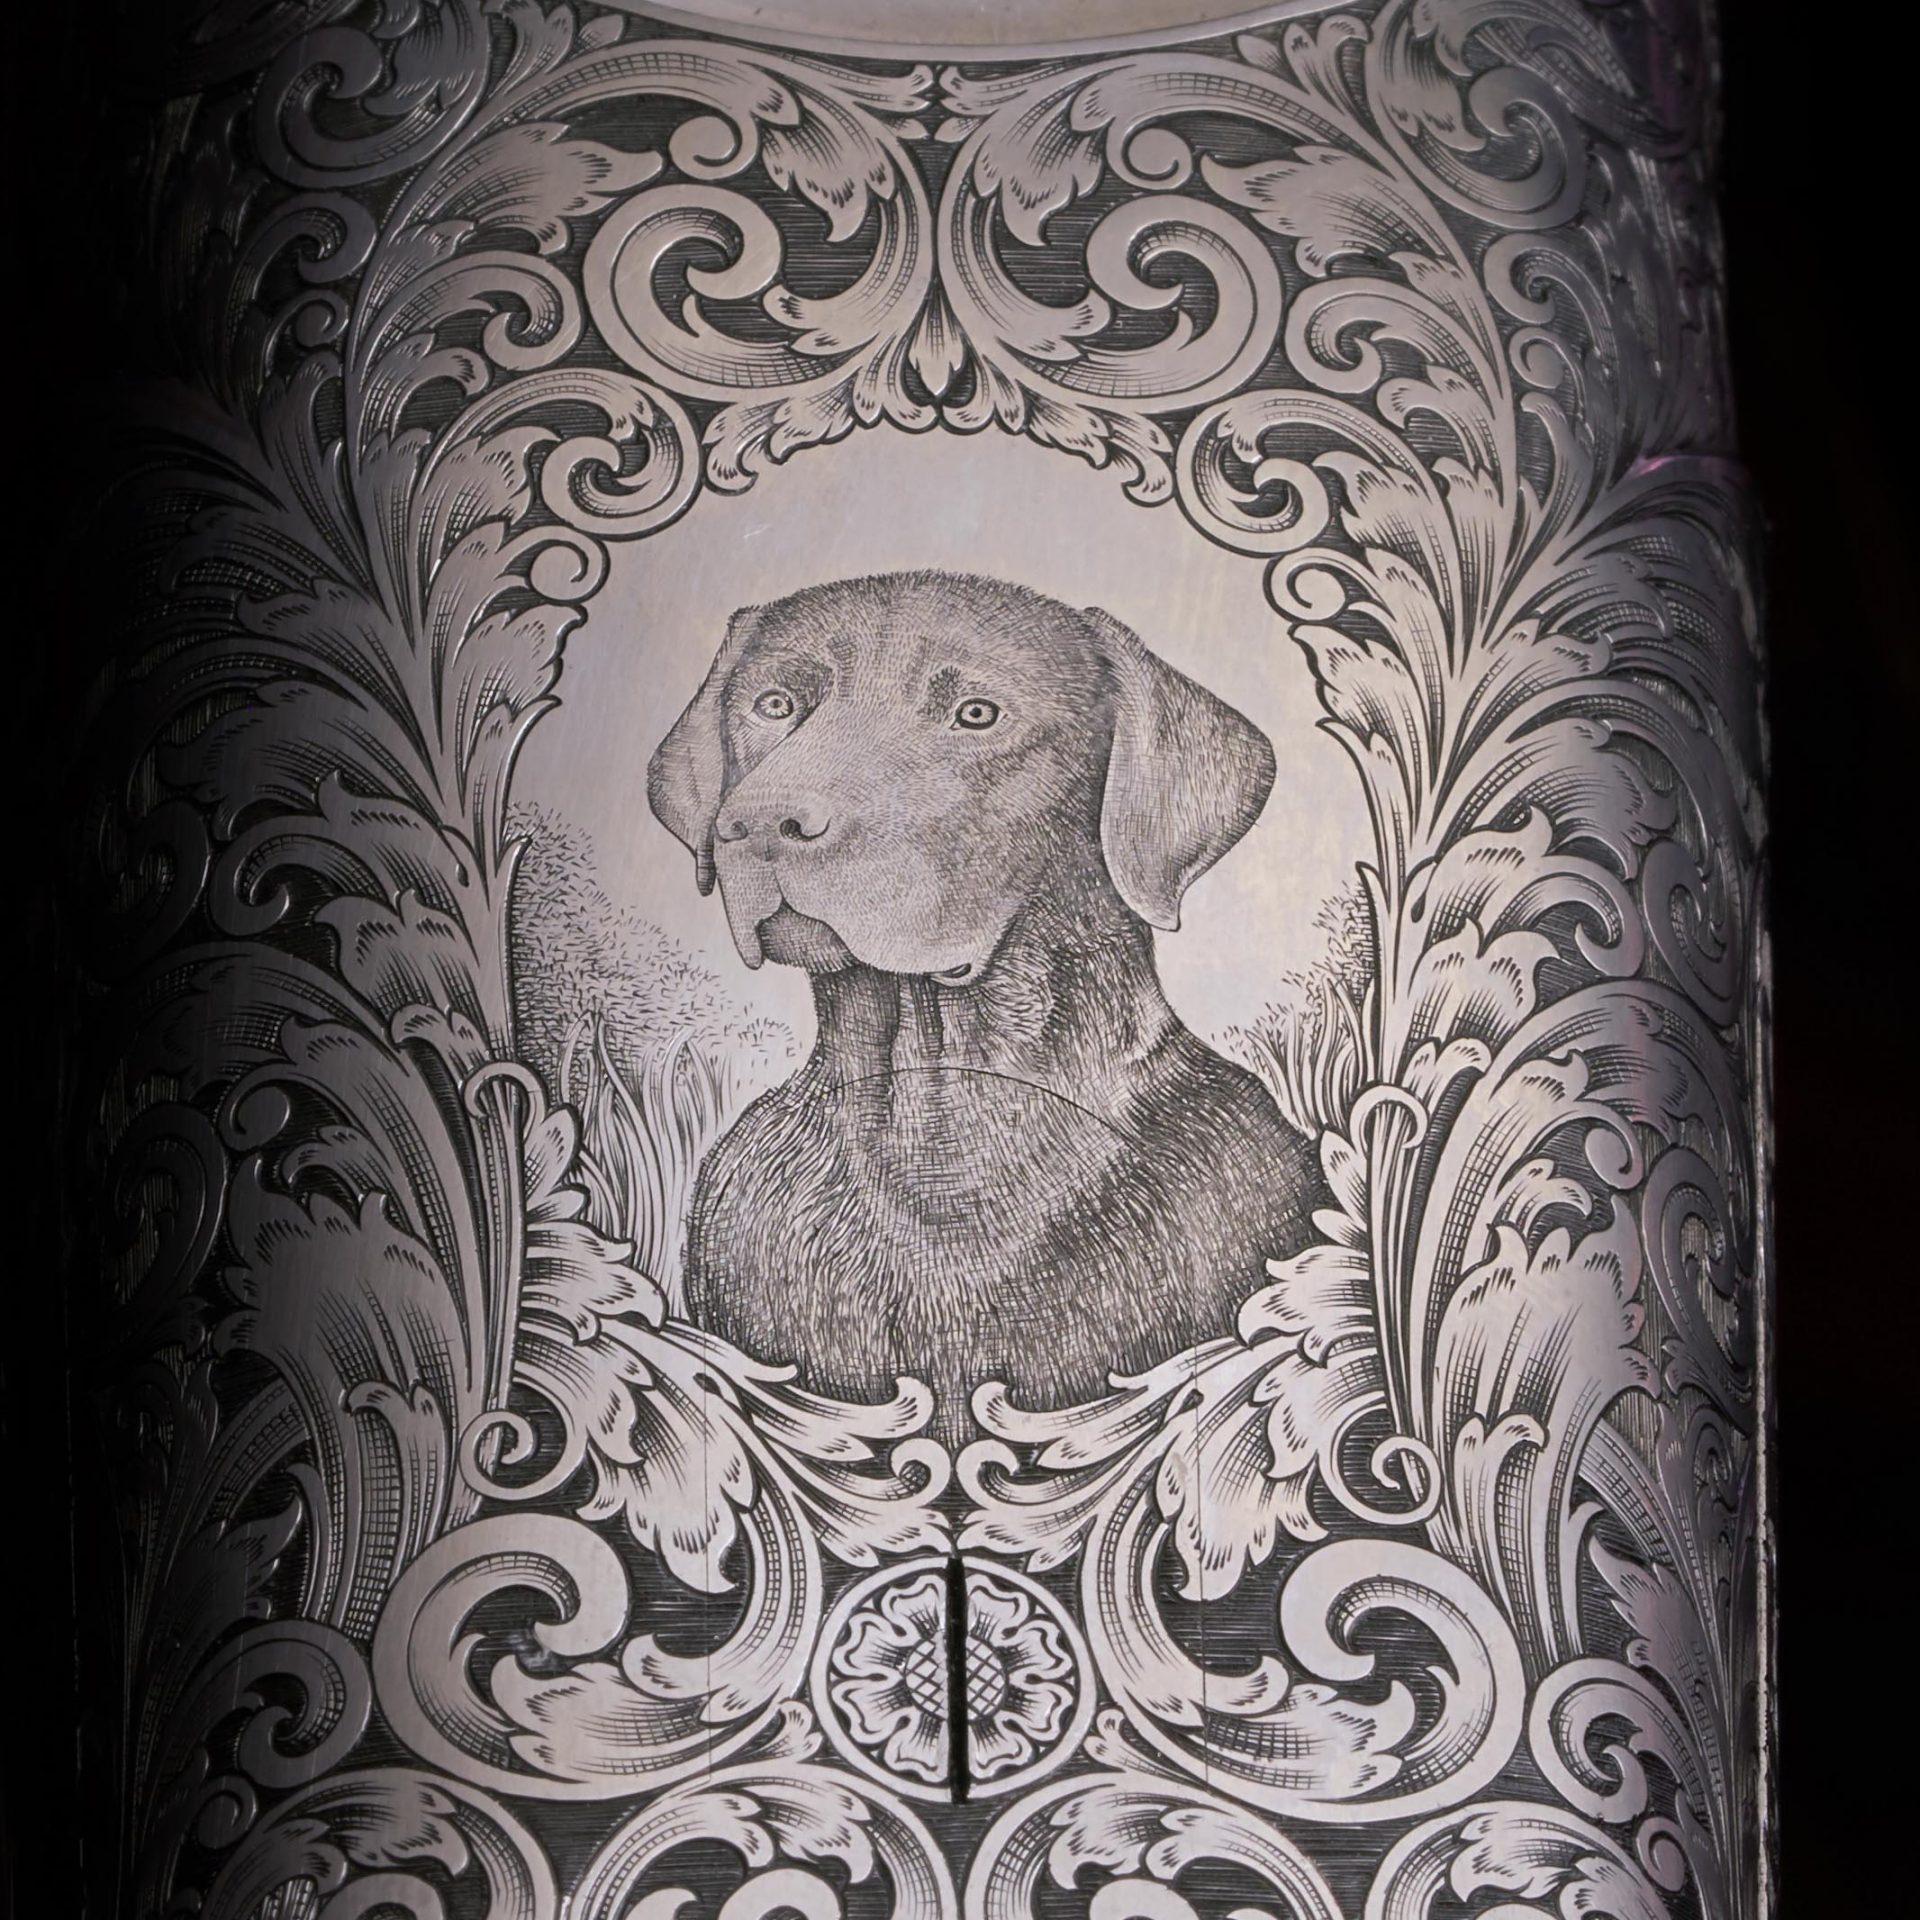 Shotgun engraving